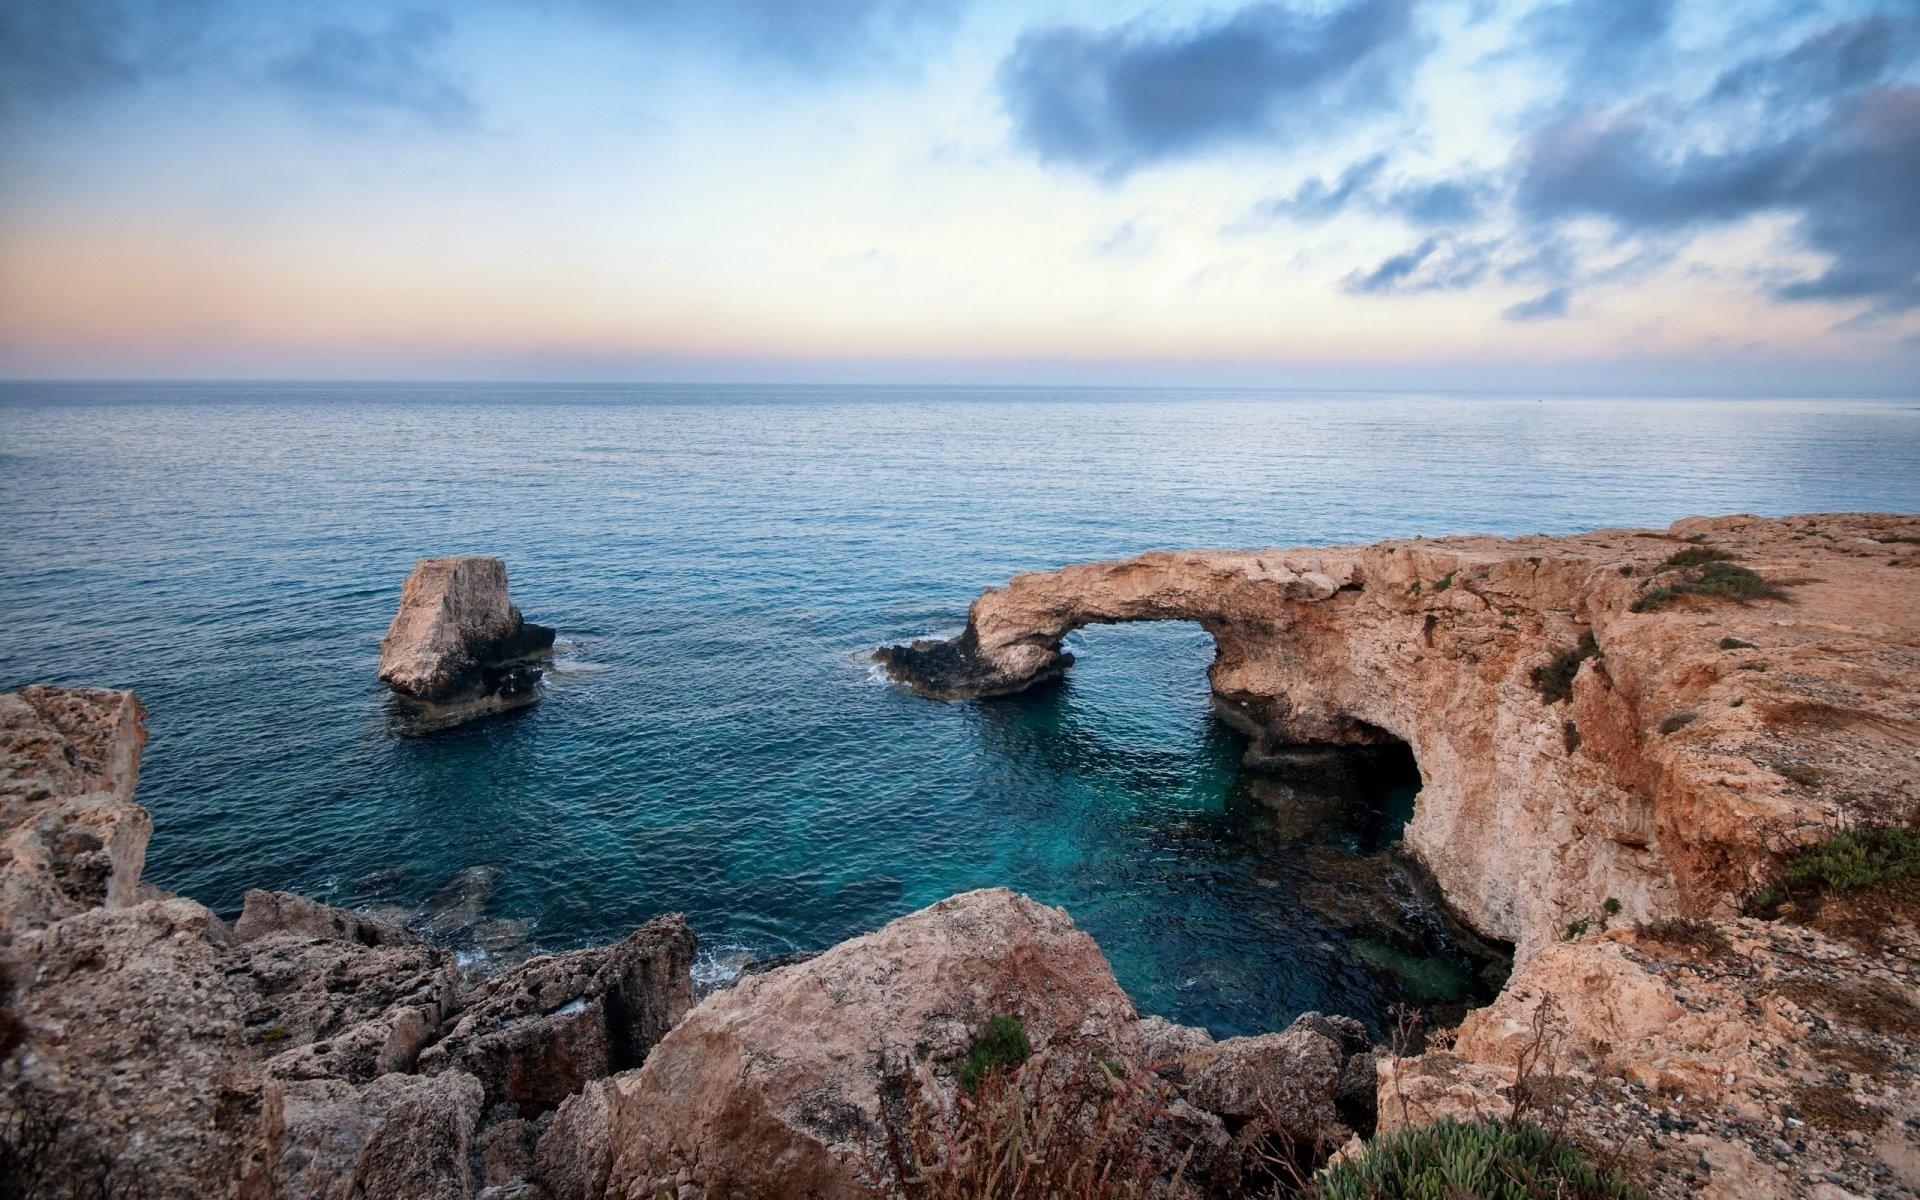 Кипр картинки высокого качества